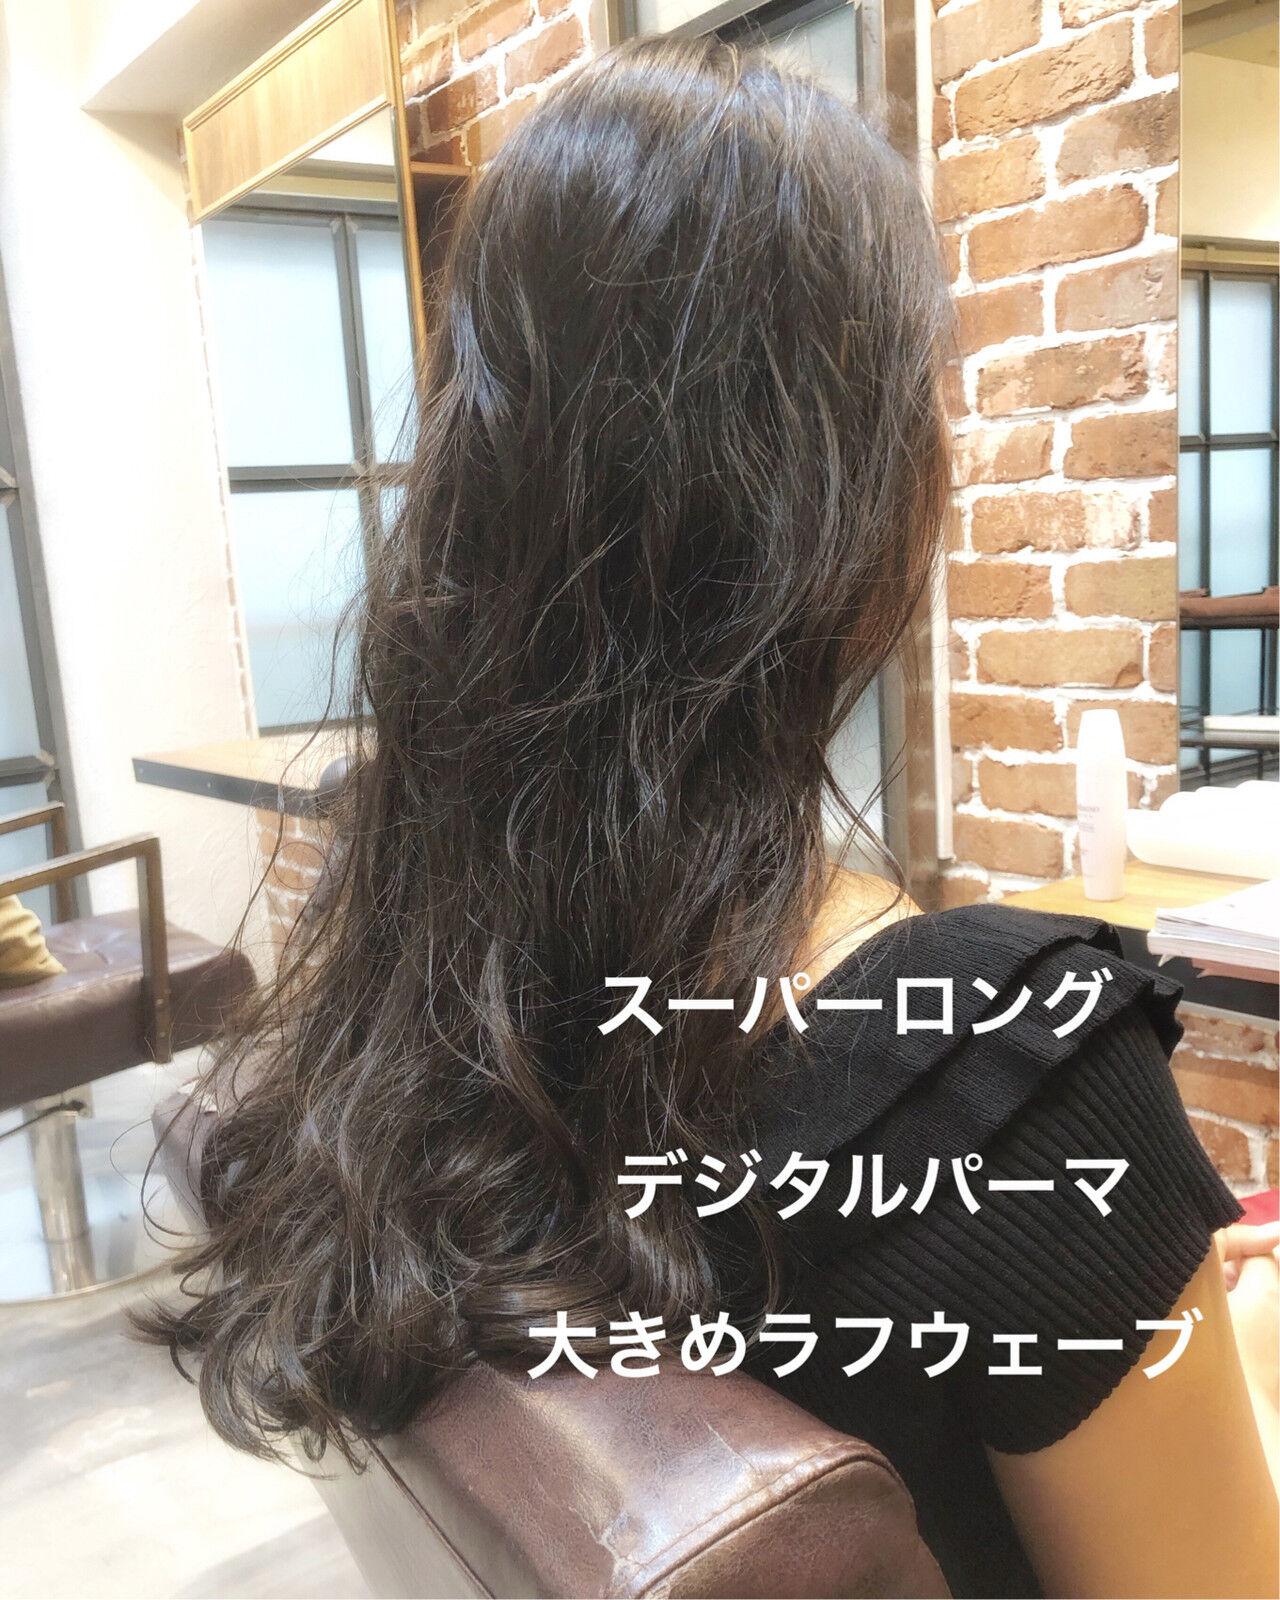 ナチュラル アンニュイほつれヘア パーマ ゆるふわヘアスタイルや髪型の写真・画像